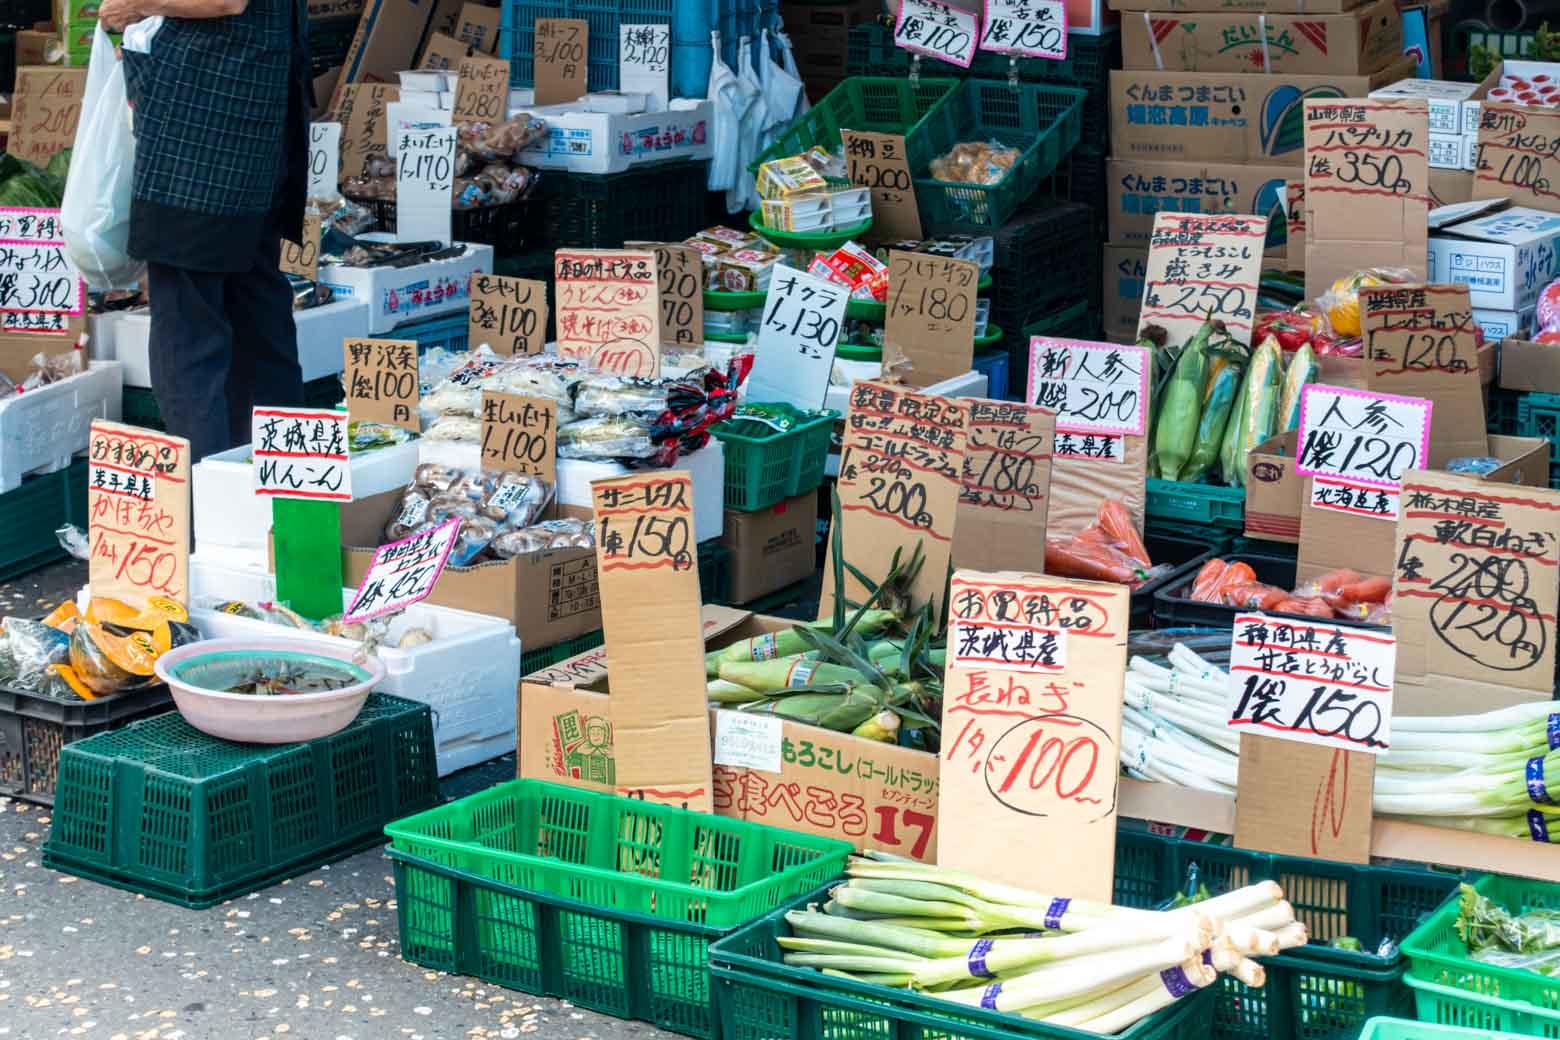 特に青果が安い! お得な野菜や果物を求めてエリア外からも買い物客が訪れます。